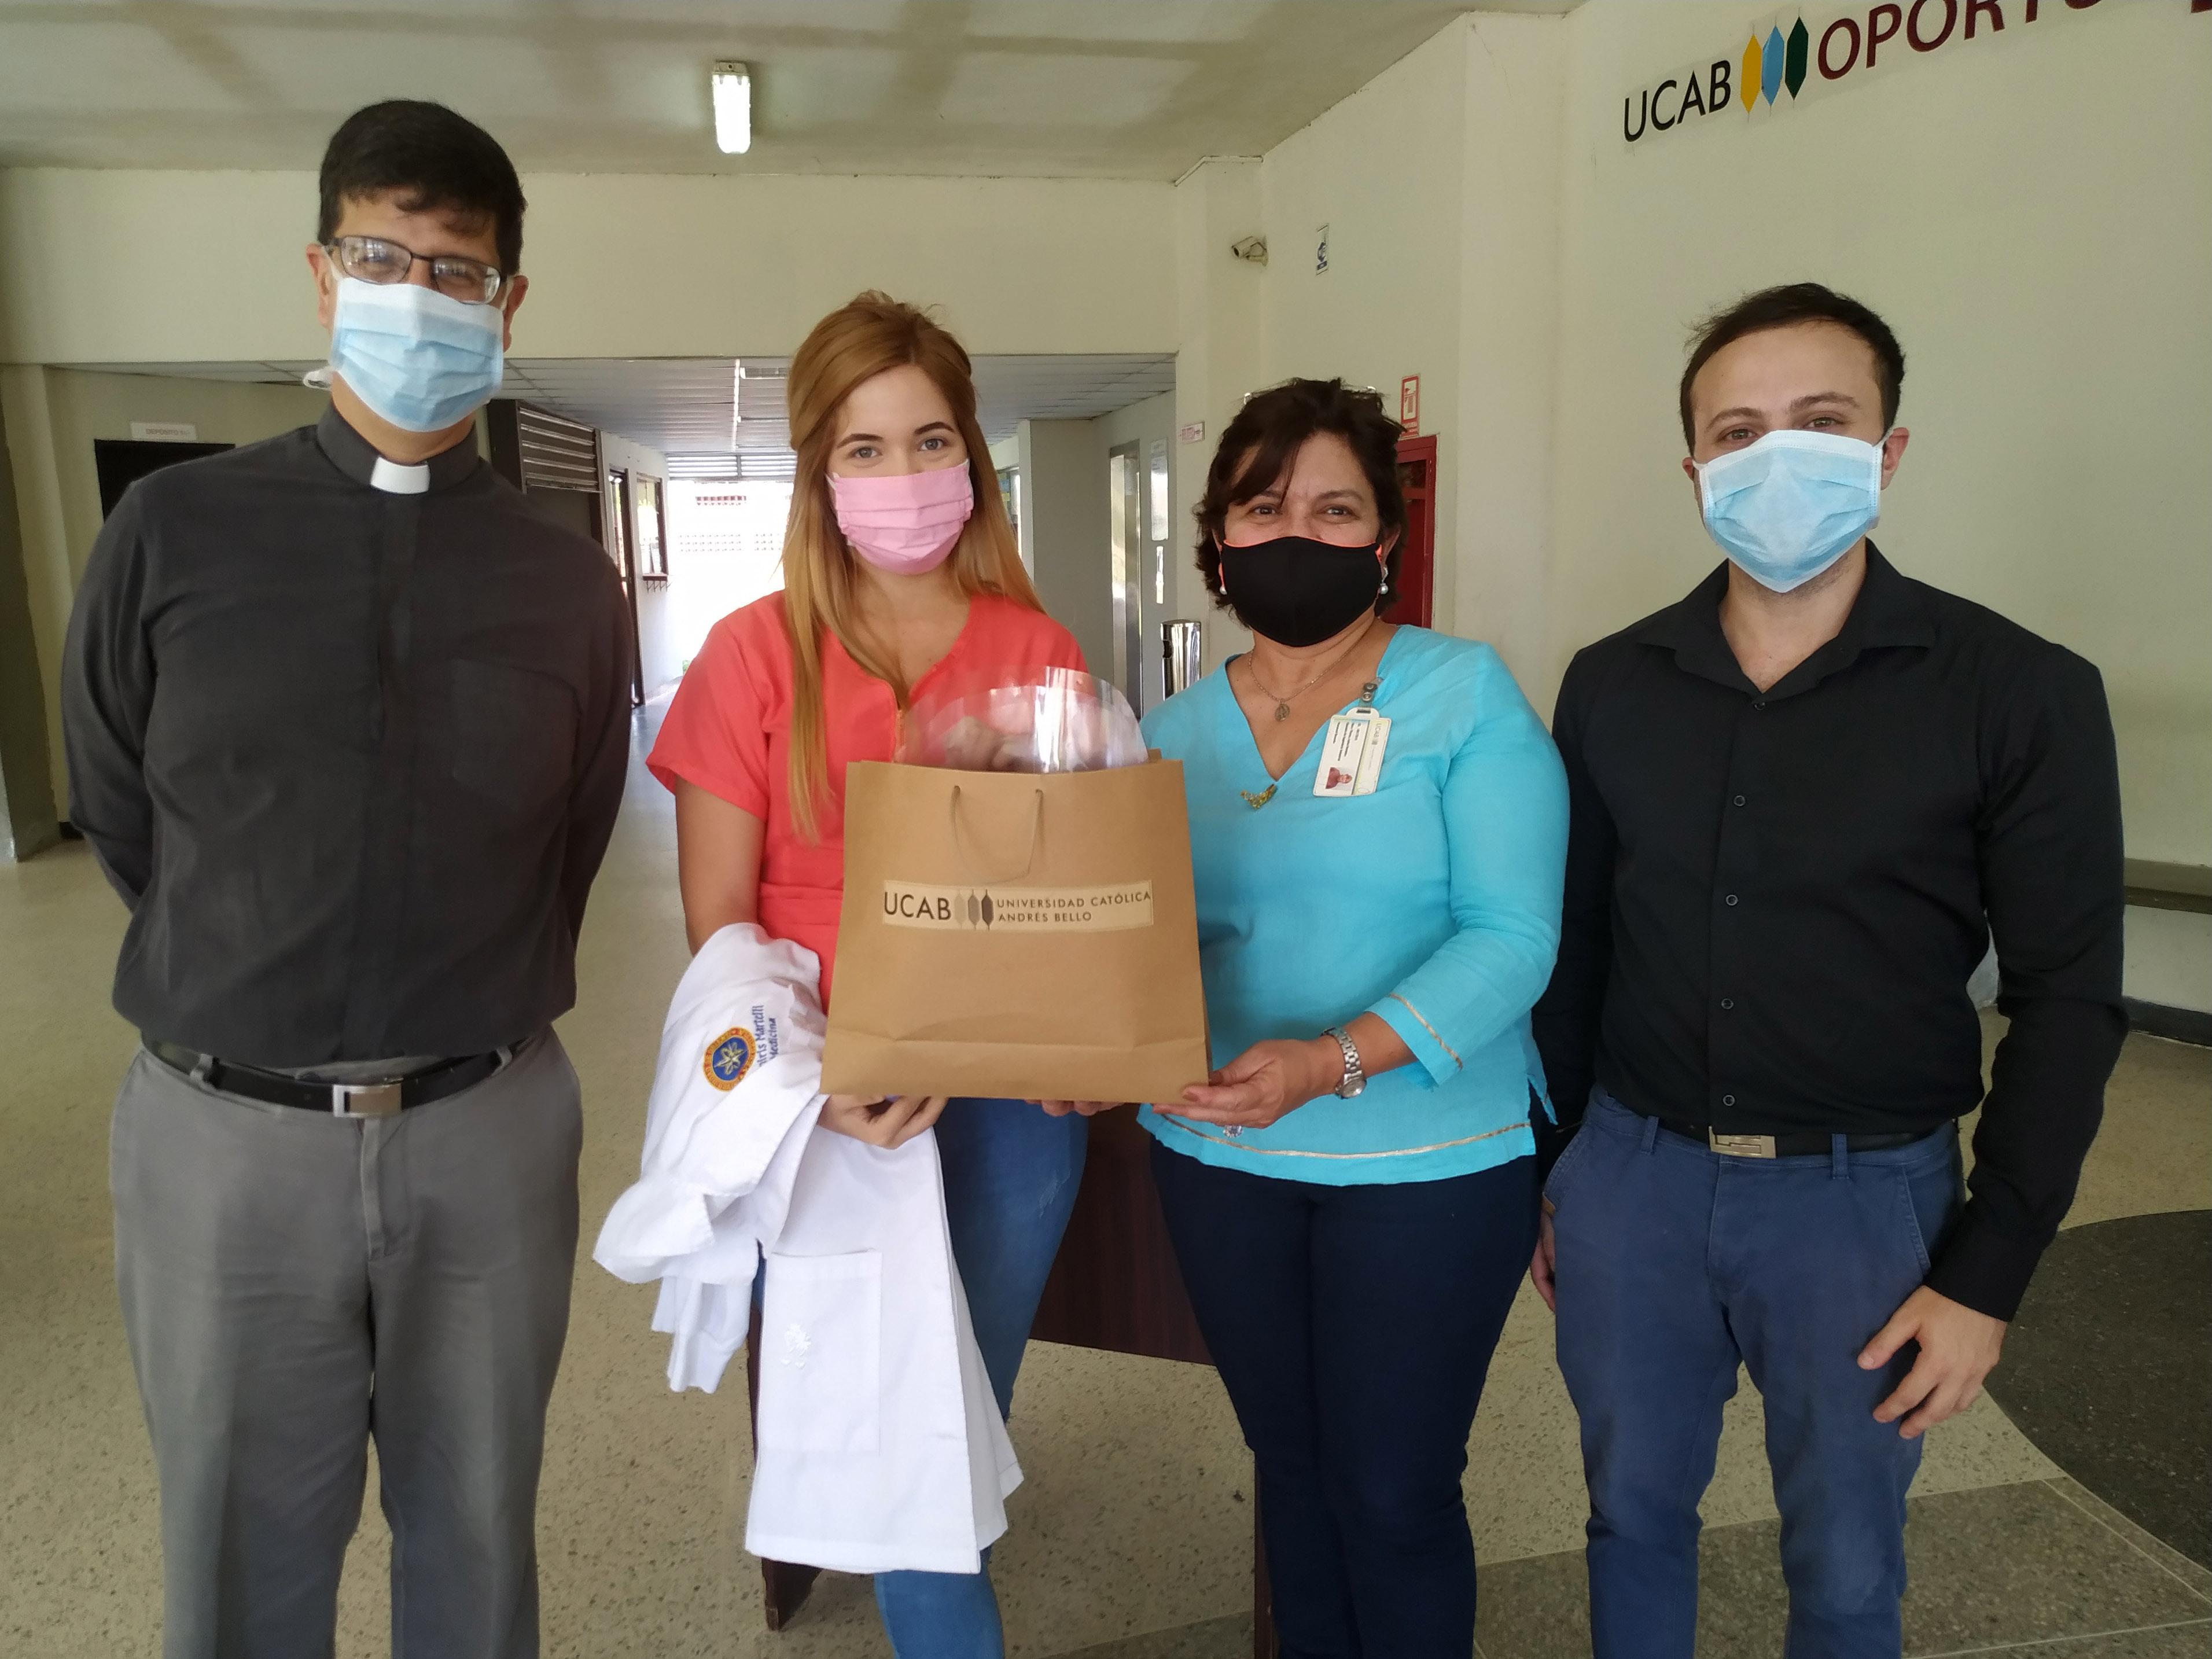 Hospitales del estado Bolívar recibieron protectores faciales fabricados por UCAB Guayana